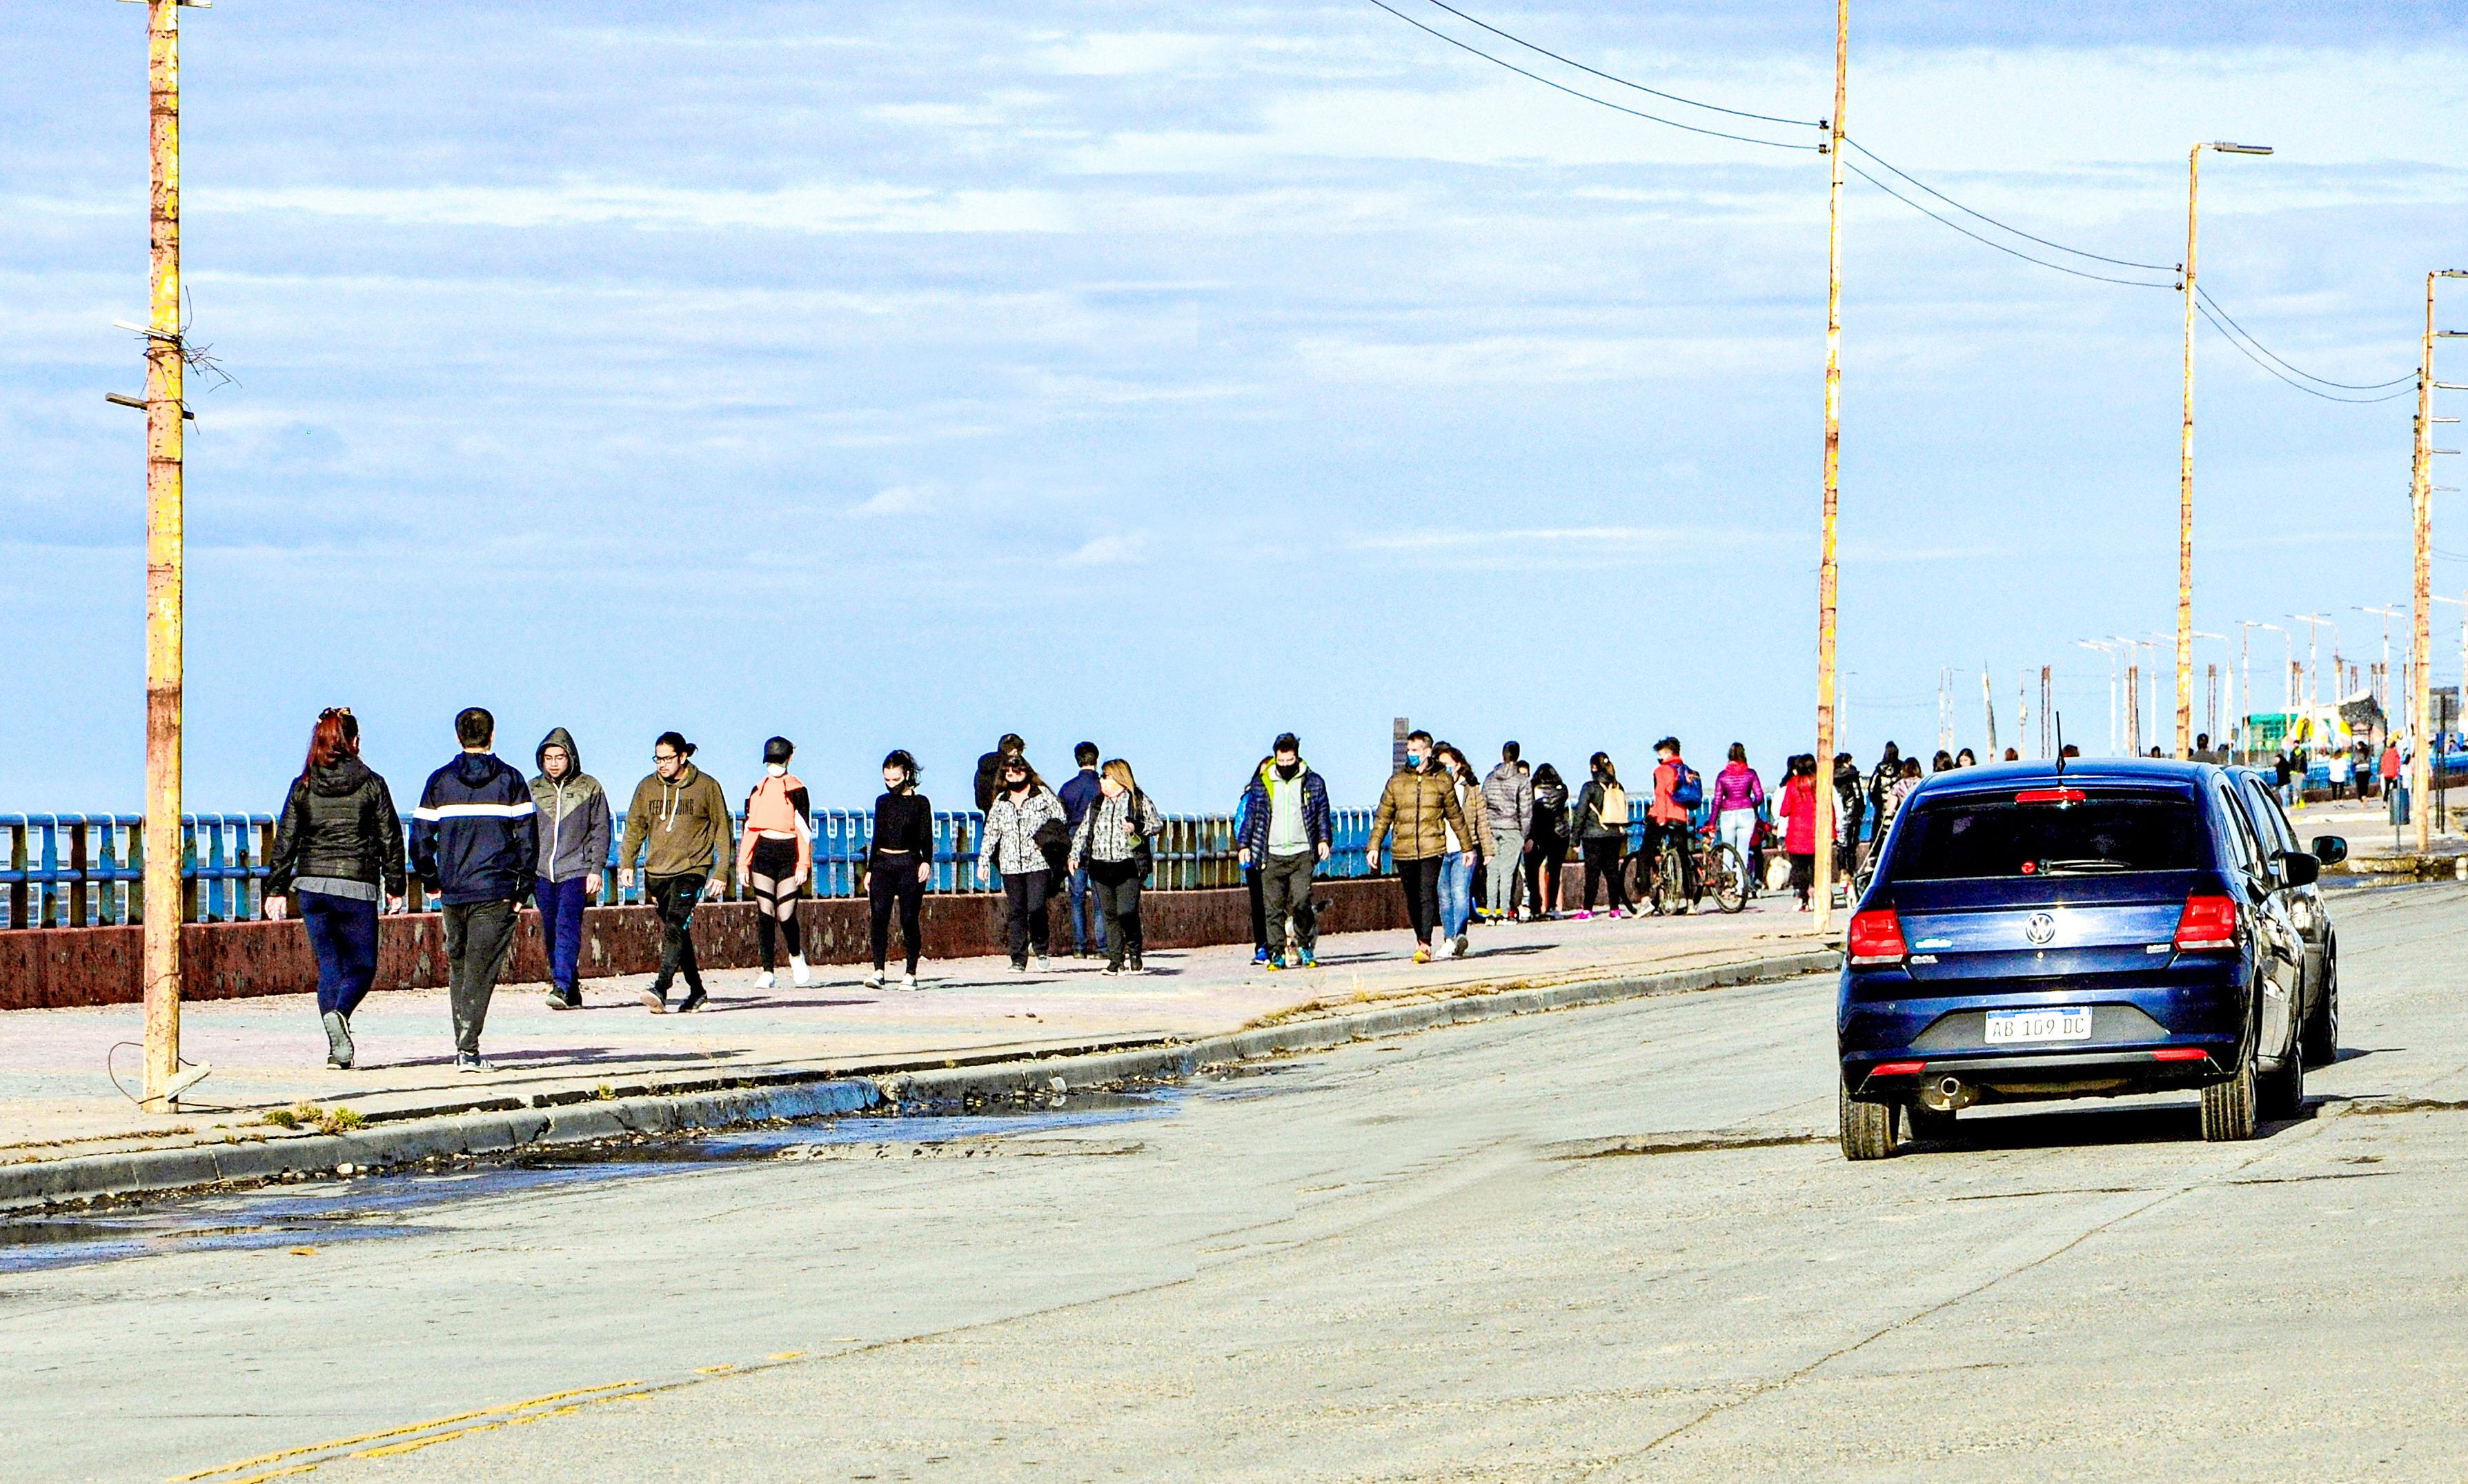 Esta sábado, la costanera local se desbordó de gente paseando.